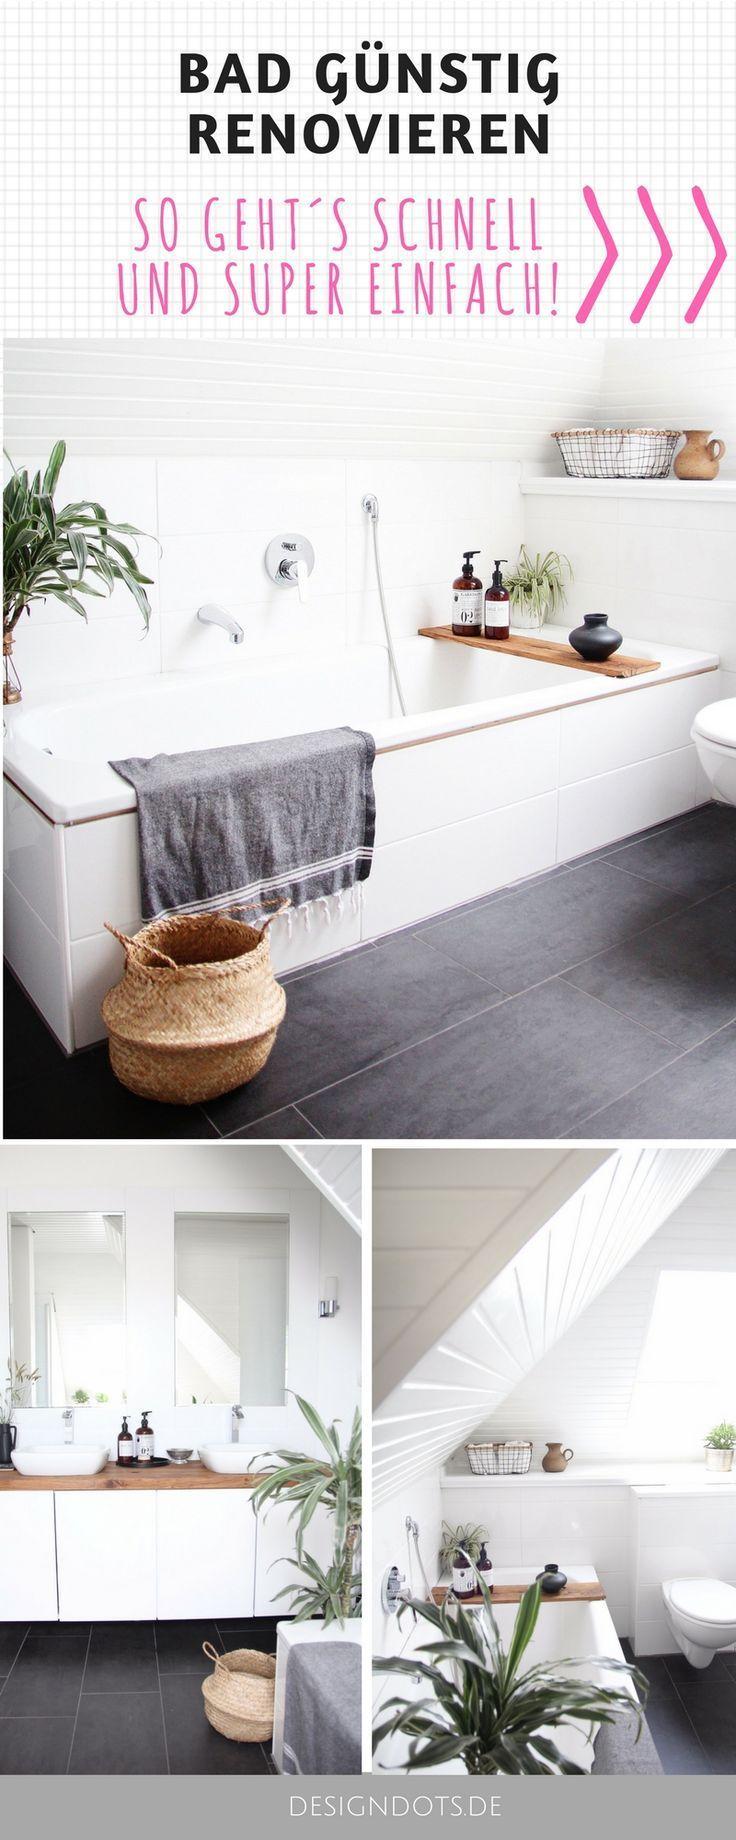 Photo of Badezimmer selbst renovieren: vorher / nachher,  #Badezimmer #diybathroomdecormirror #Nachher…